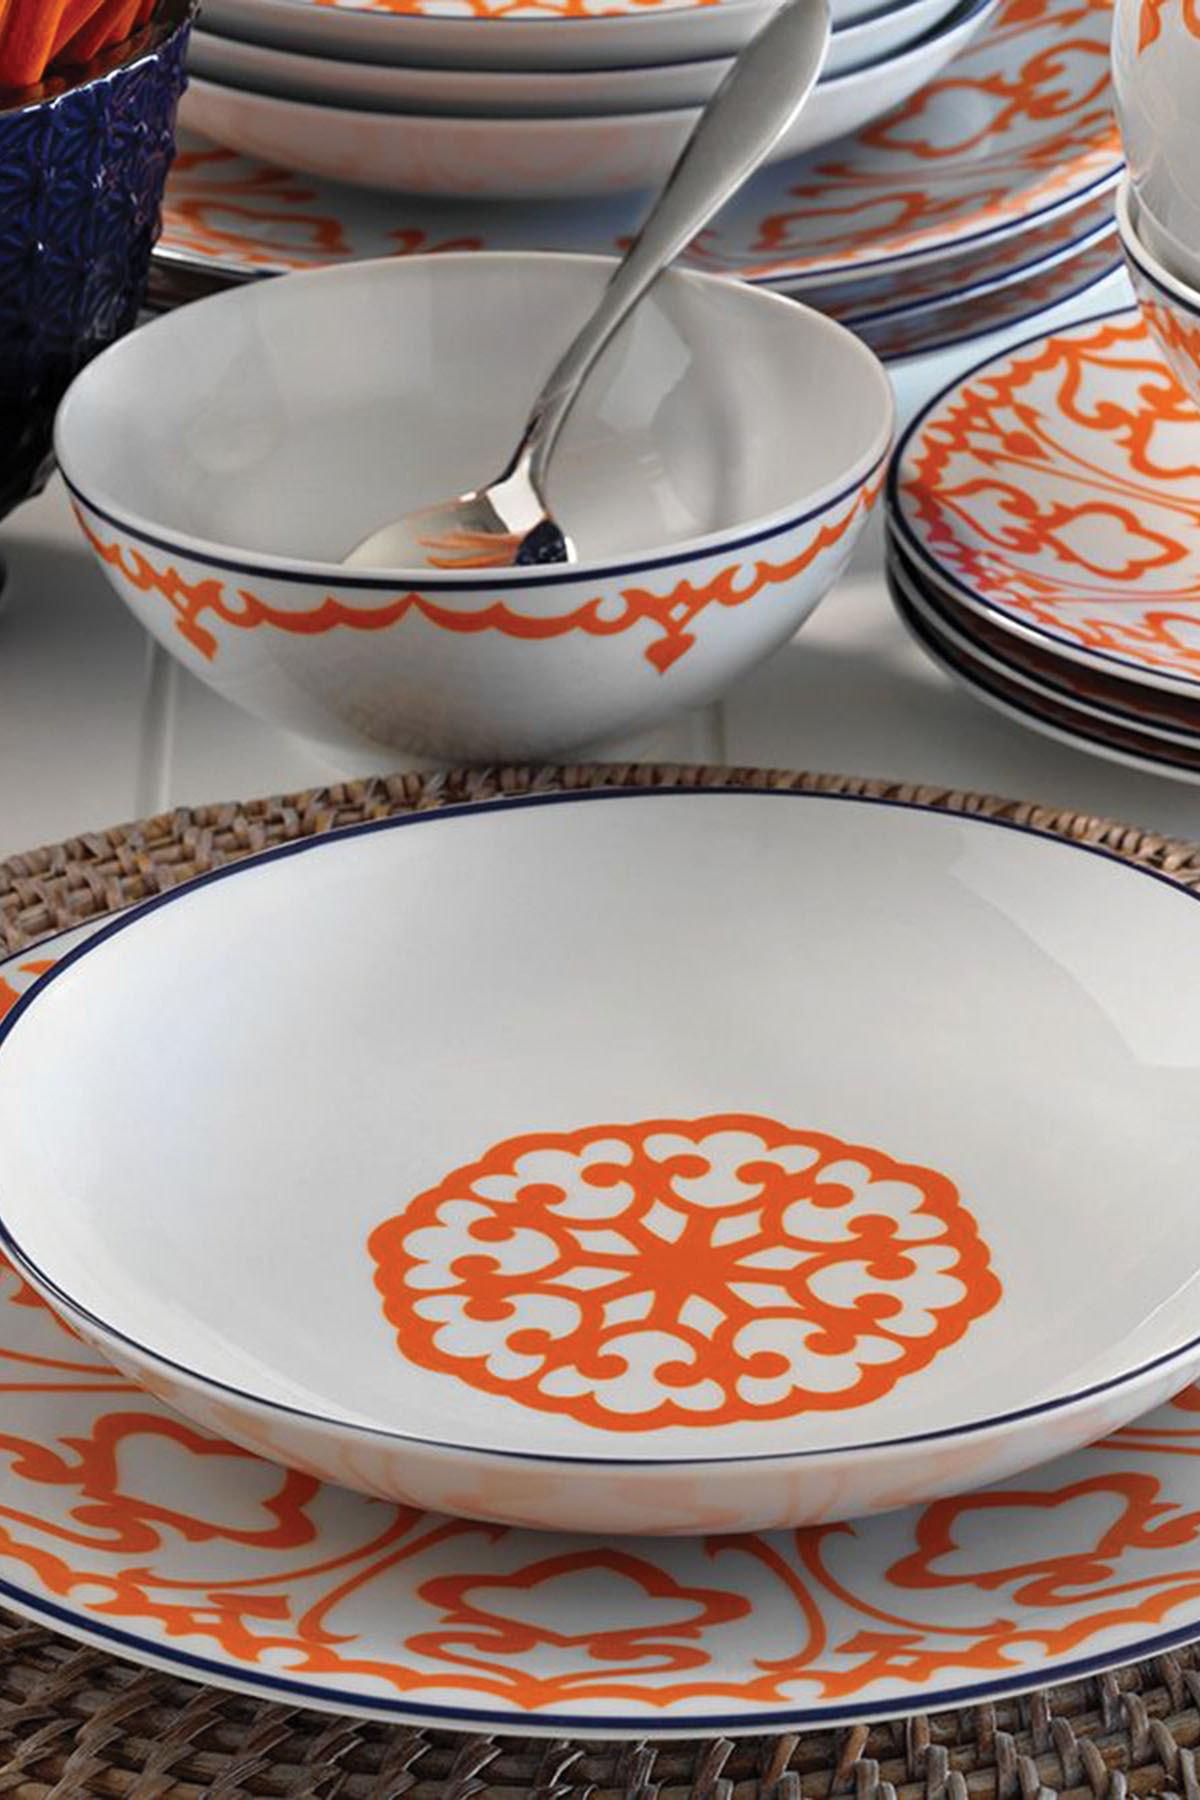 Kütahya Porselen Turuncu Desenli 24 Parça Yemek Takımı 2